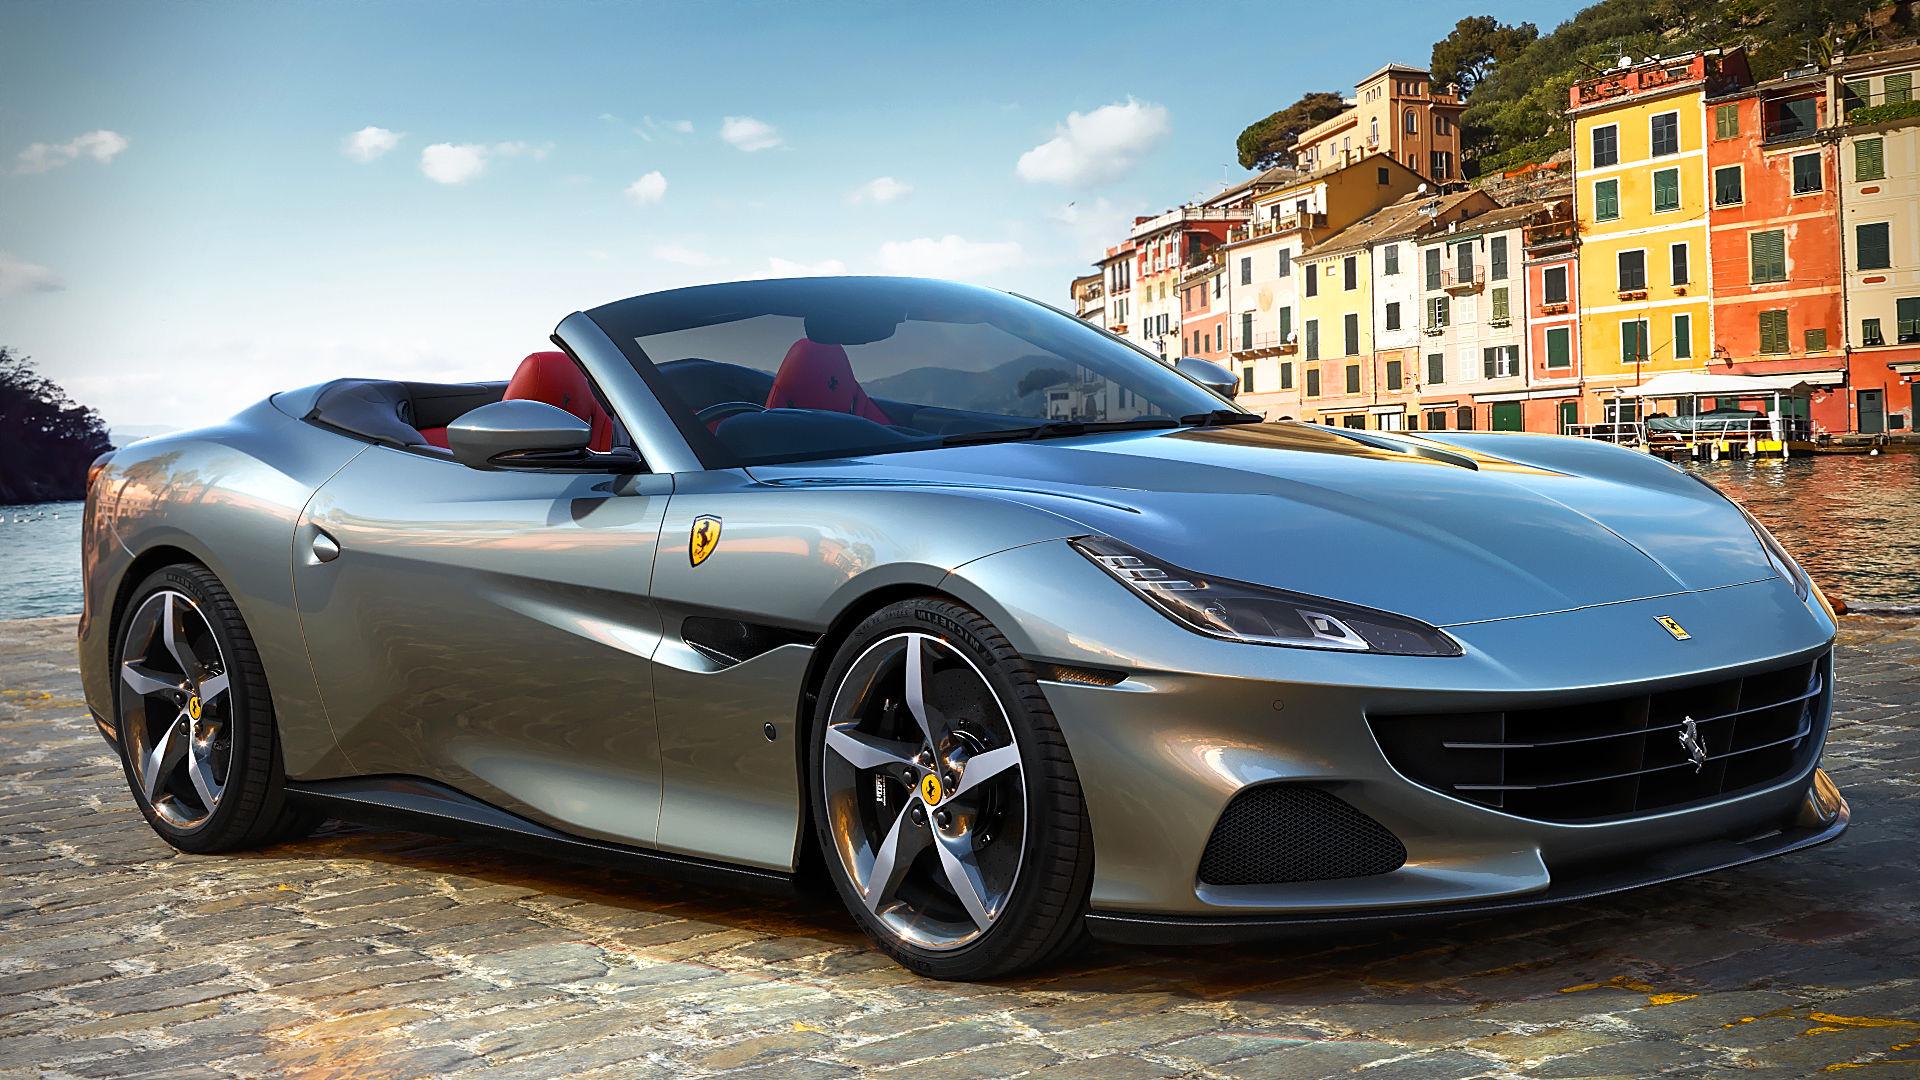 Nuova Ferrari Portofino M, si aggiorna la decapottabile del Cavallino thumbnail